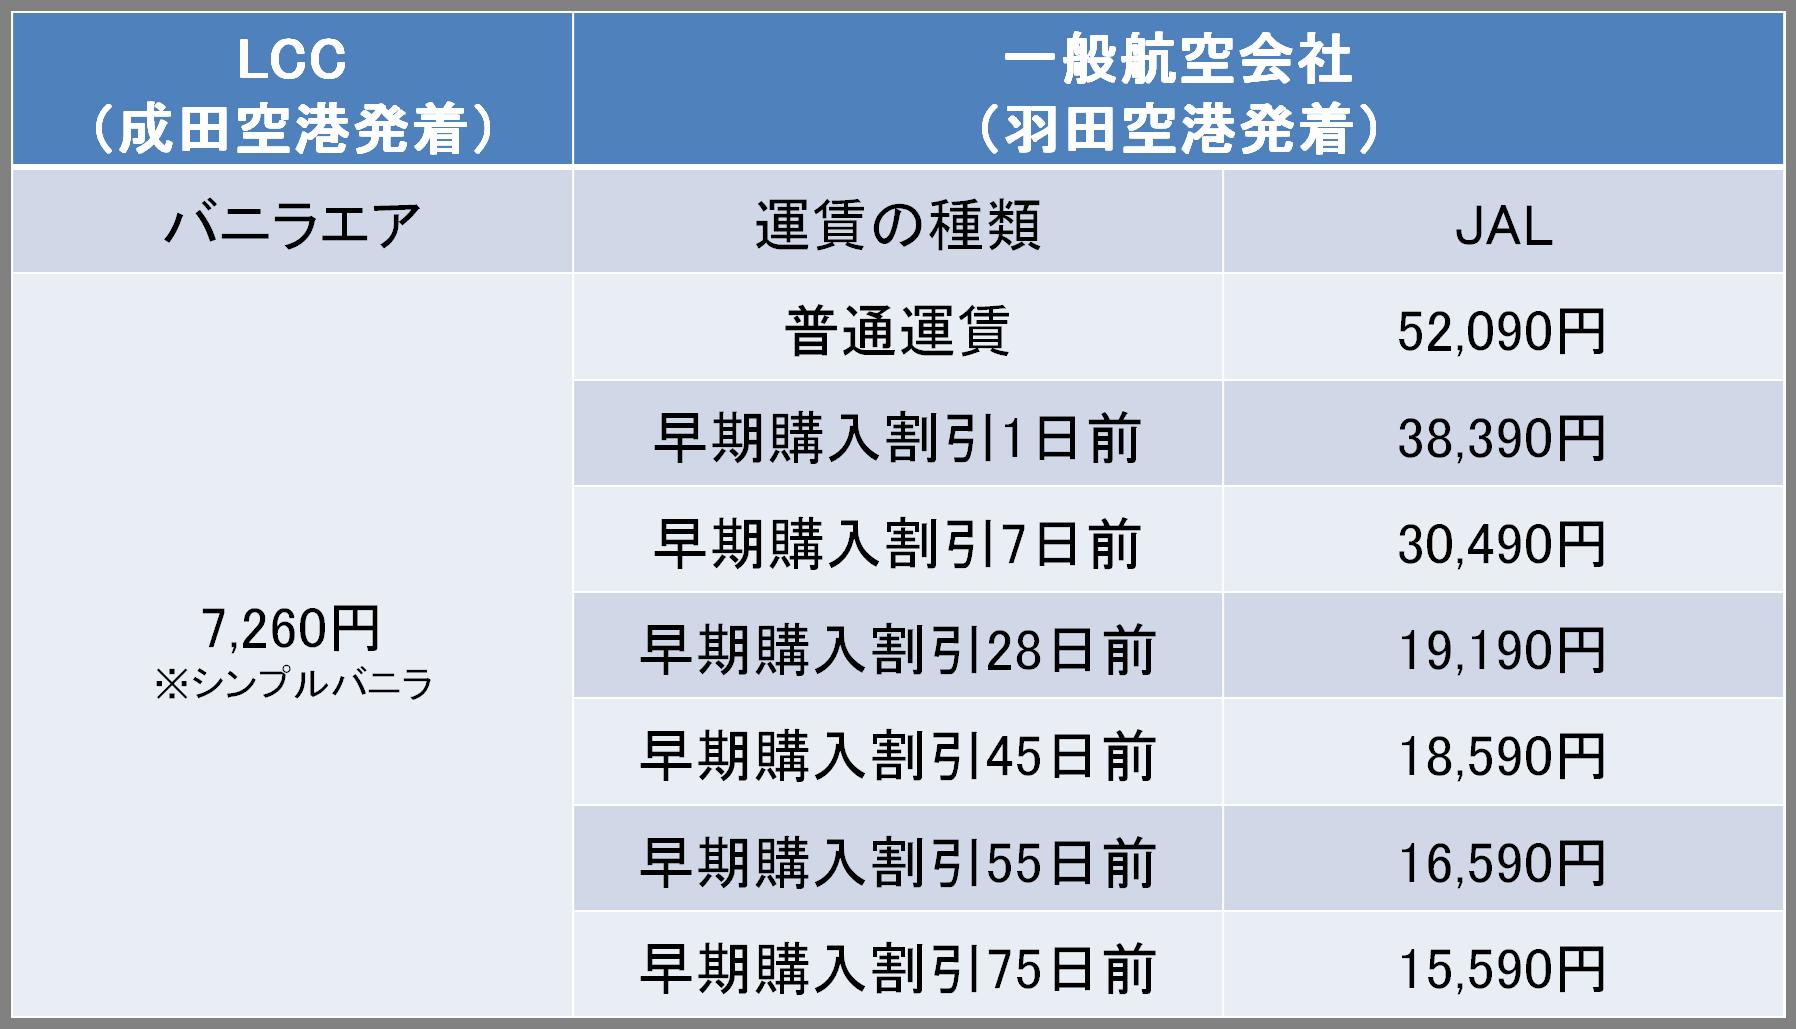 東京-奄美間の航空券の料金